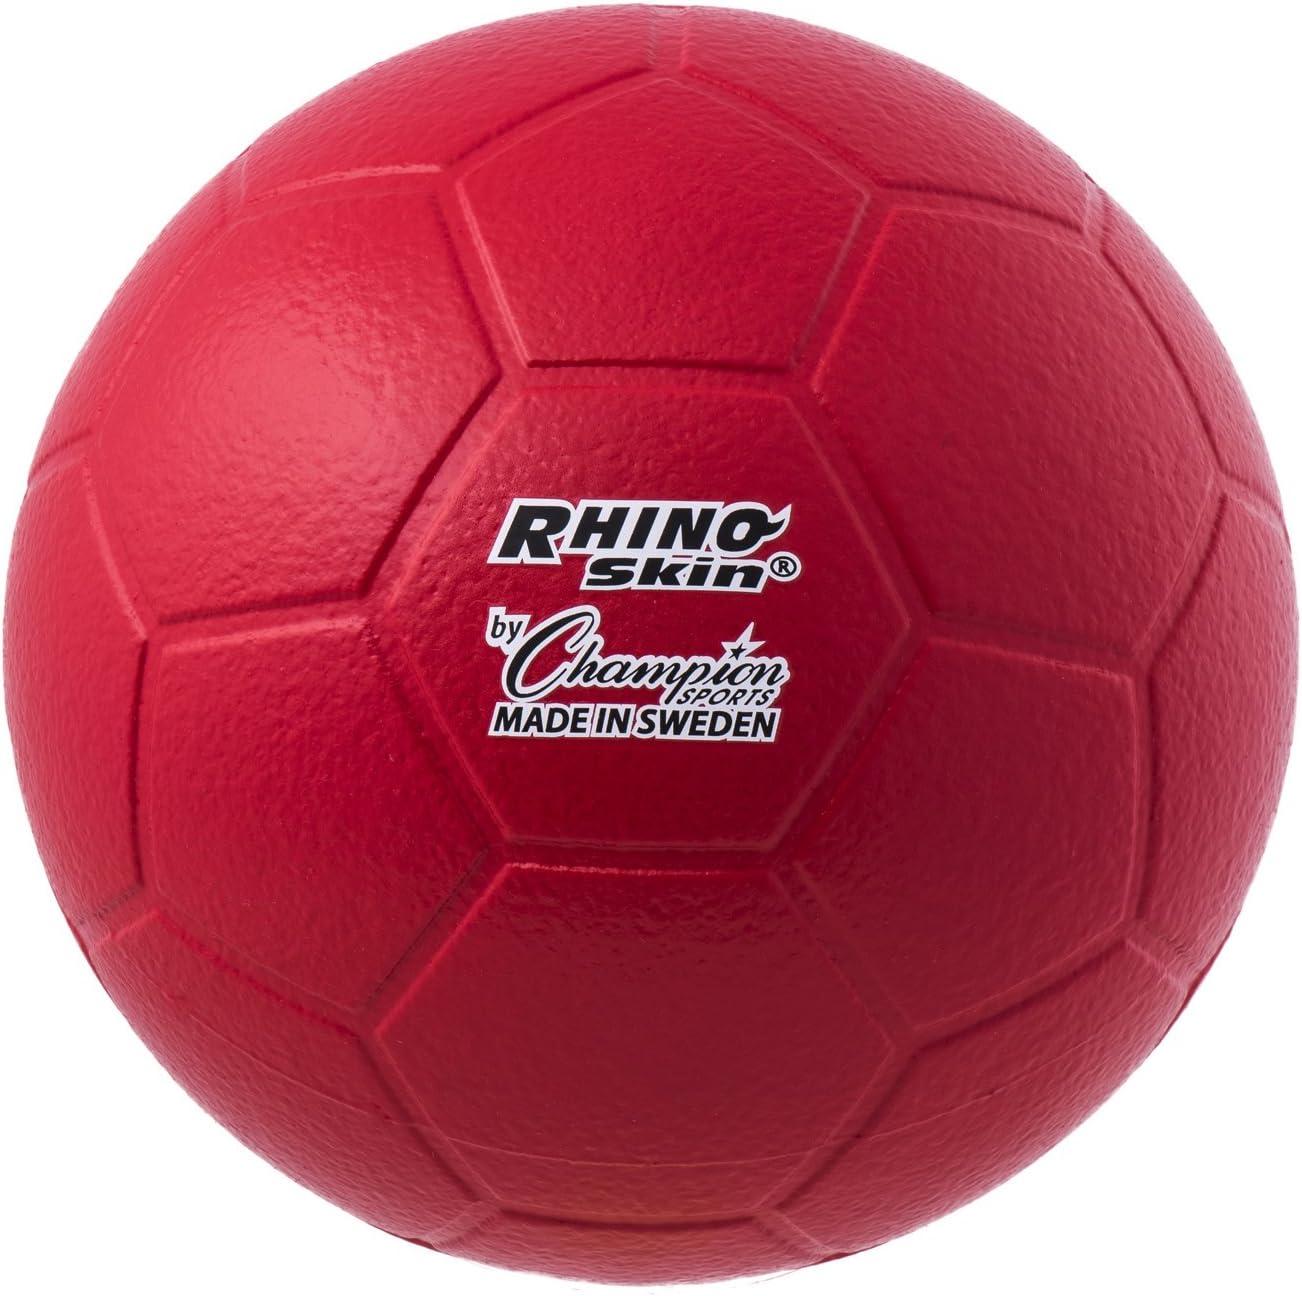 Amazon.com: Campeón Deportes Rhino Skin Balón de fútbol ...